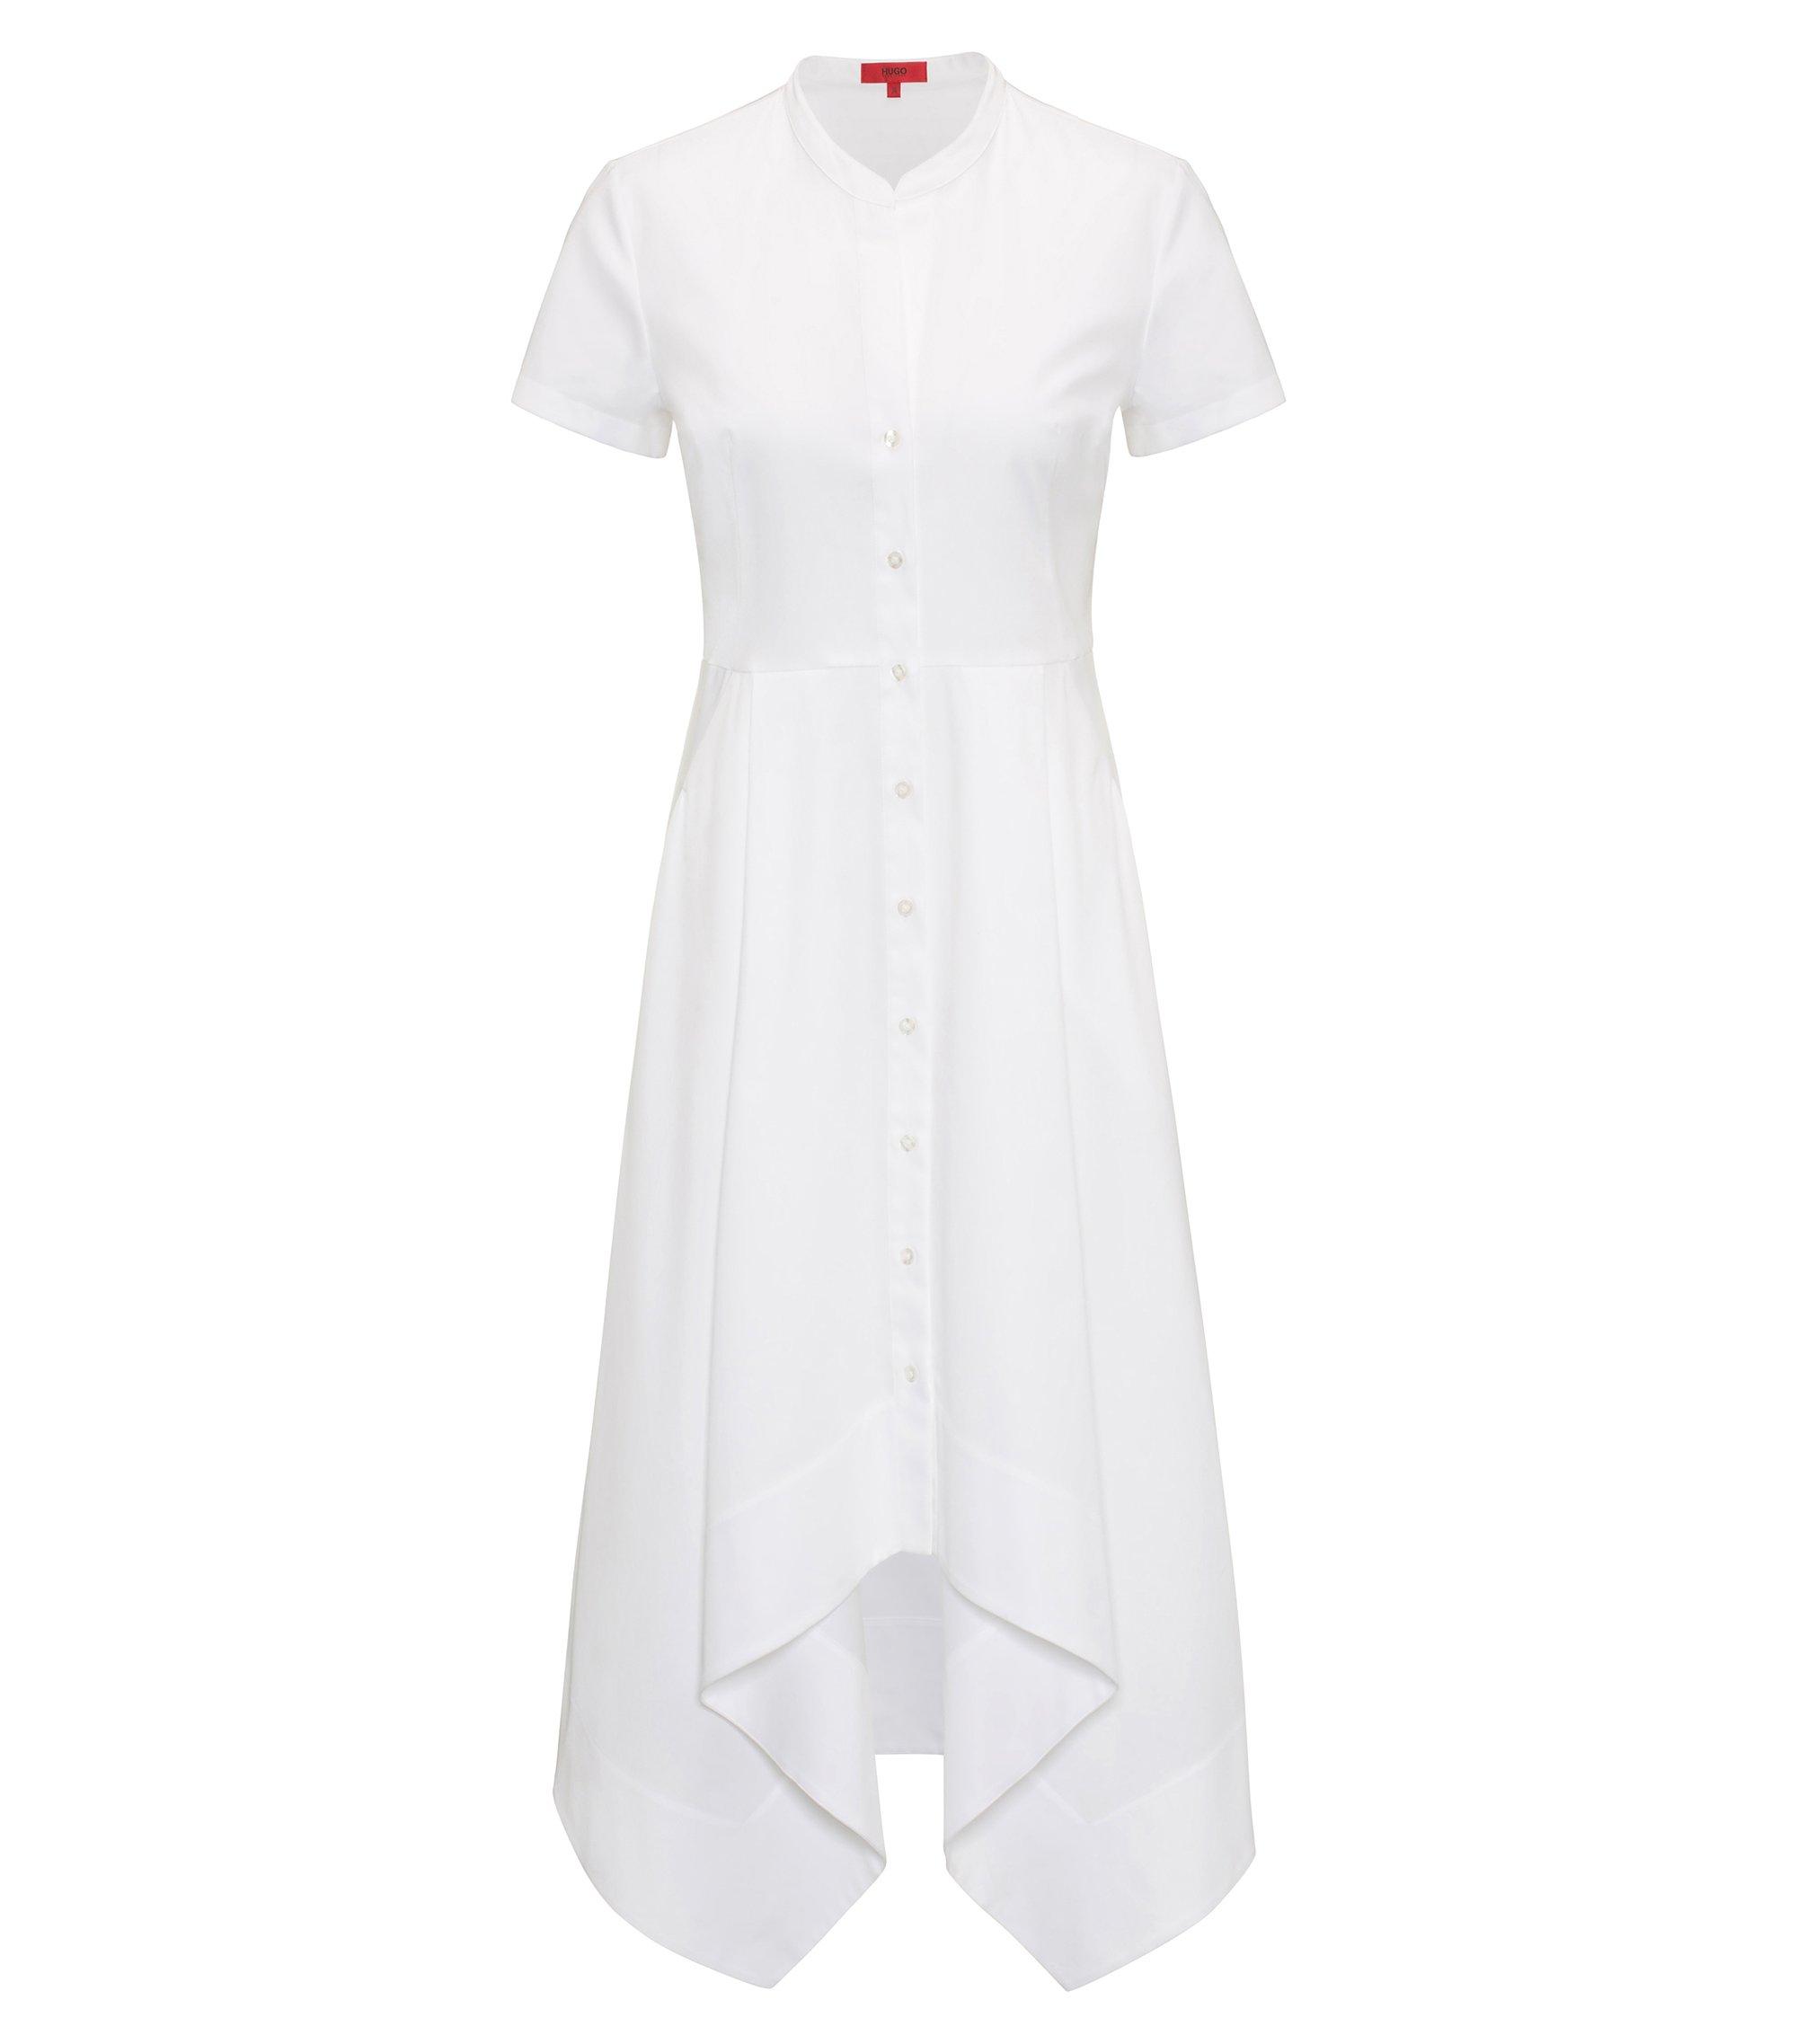 Hemdblusenkleid aus Stretch-Baumwolle, Weiß